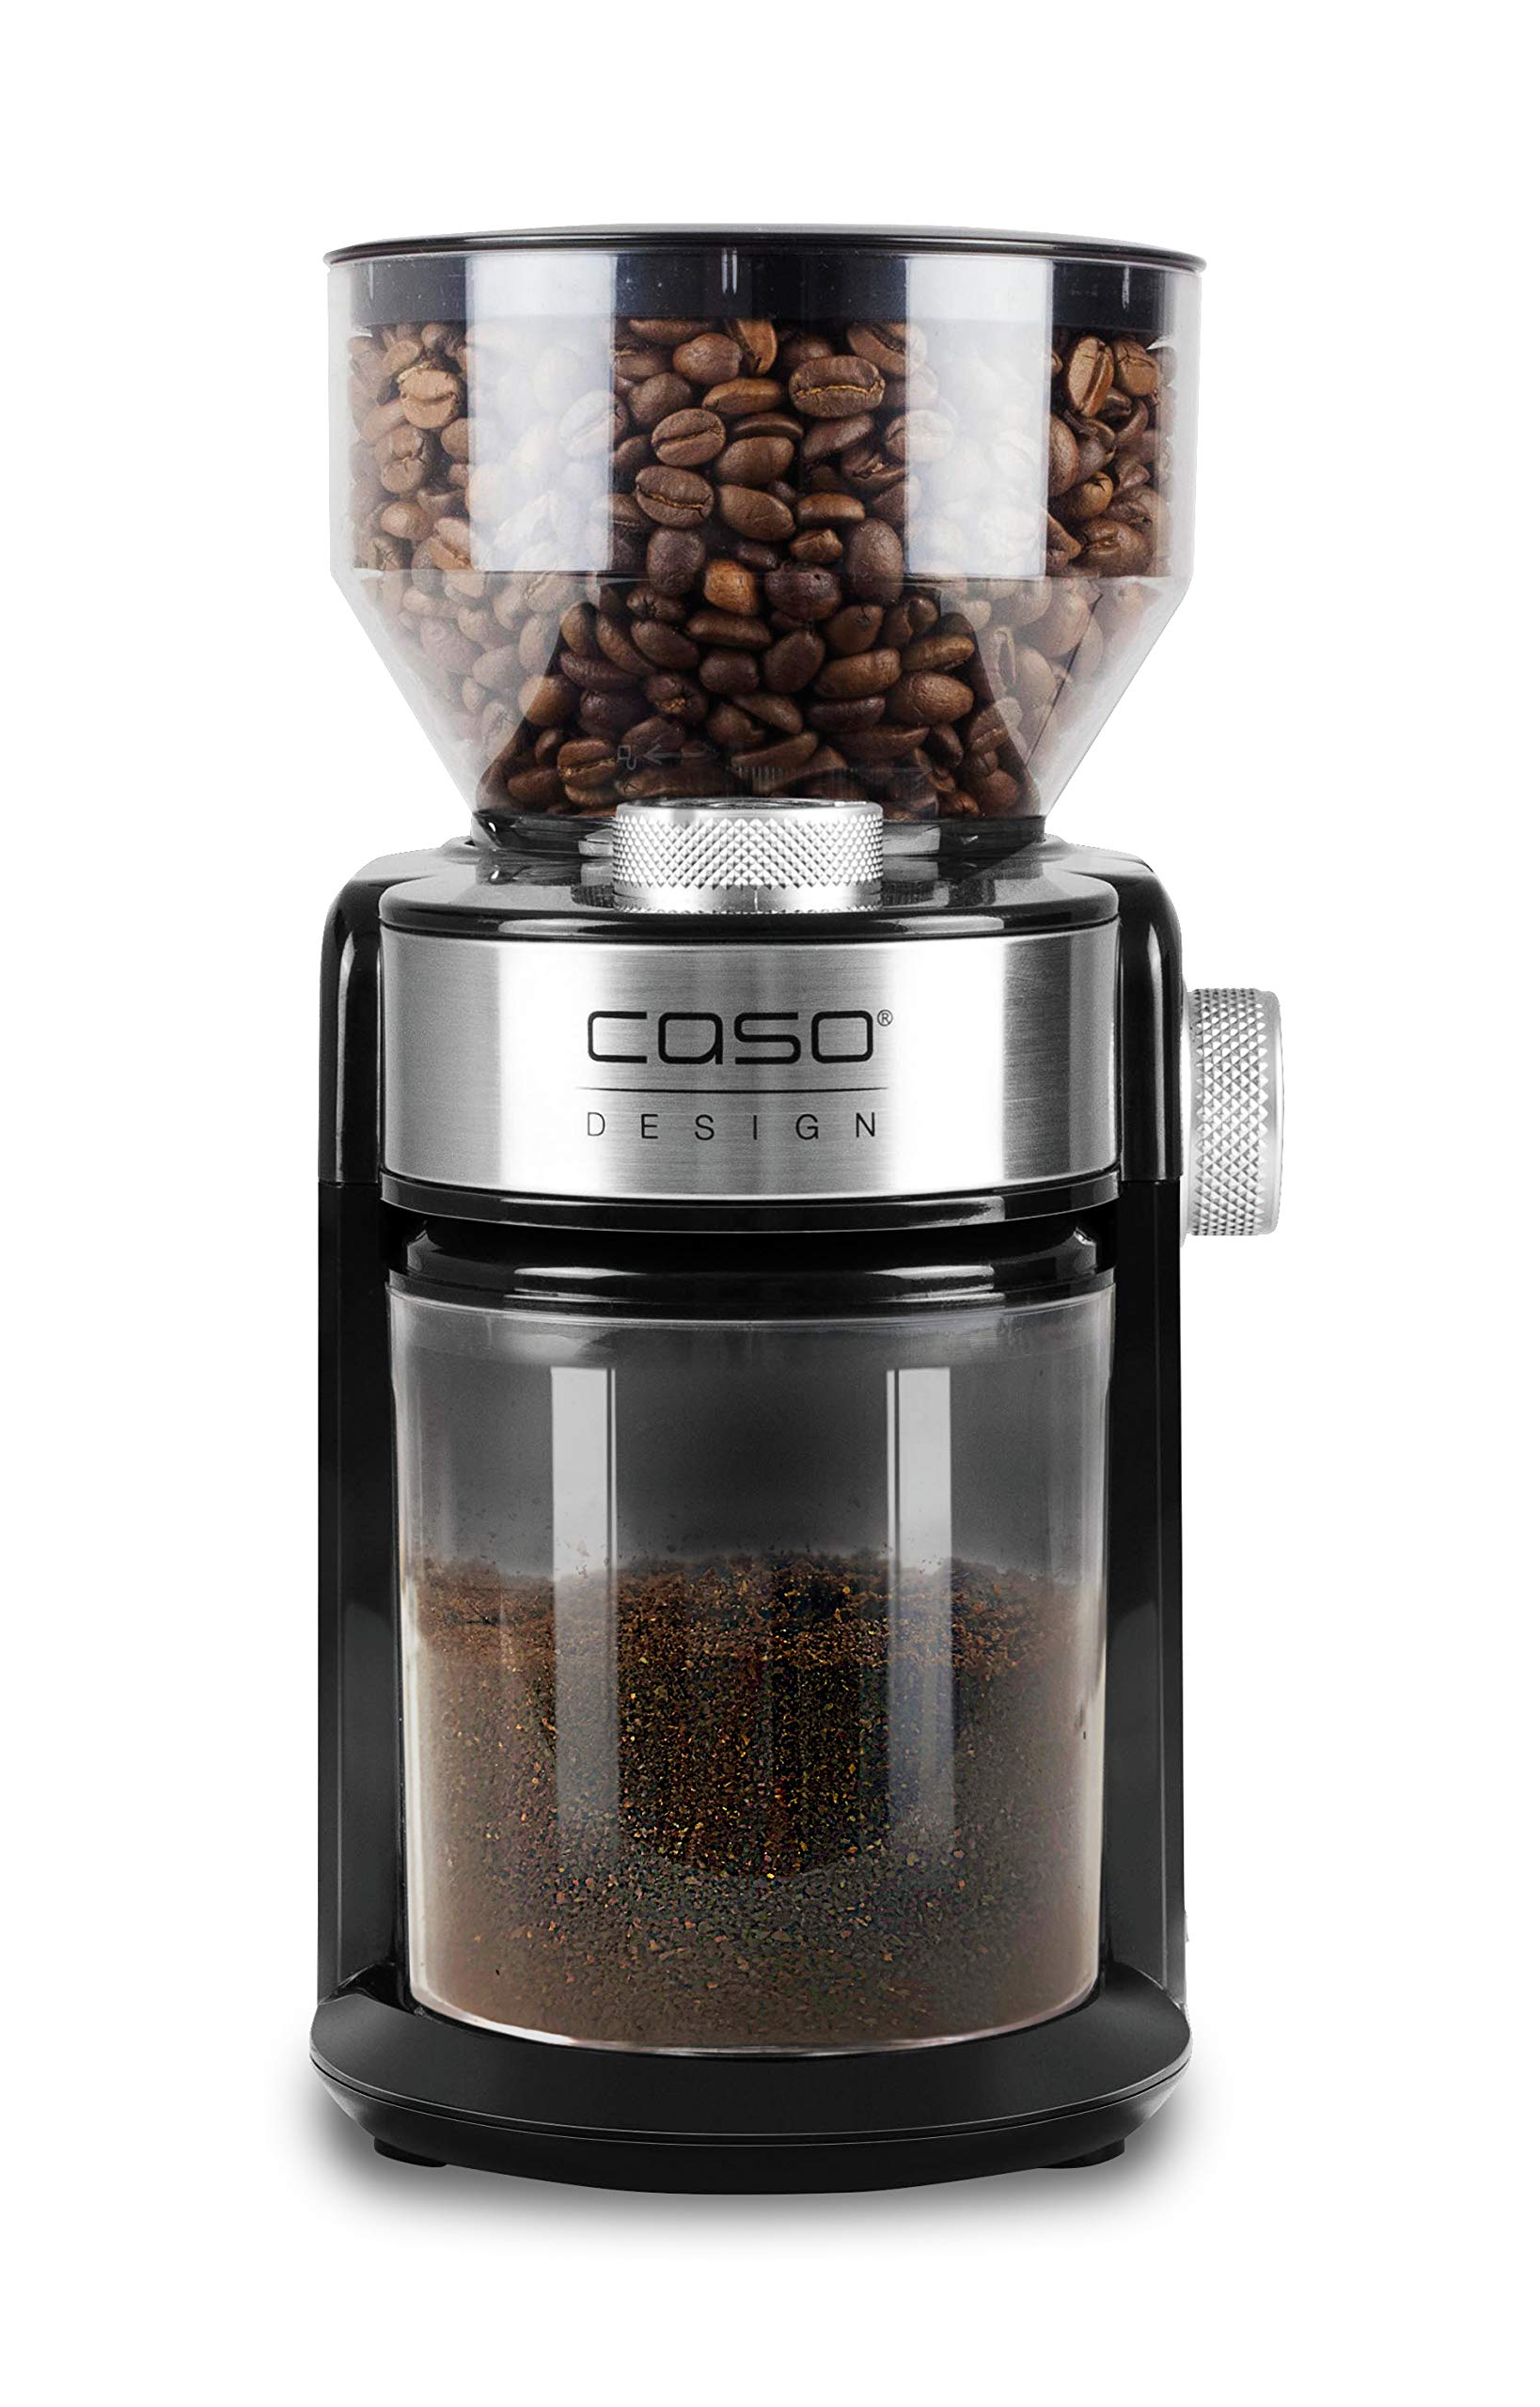 CASO Barista Crema – Elektrische Design- Kaffeemühle, Mahlgradeinstellungen von fein bis grob, aromaschonendes Mahlen…